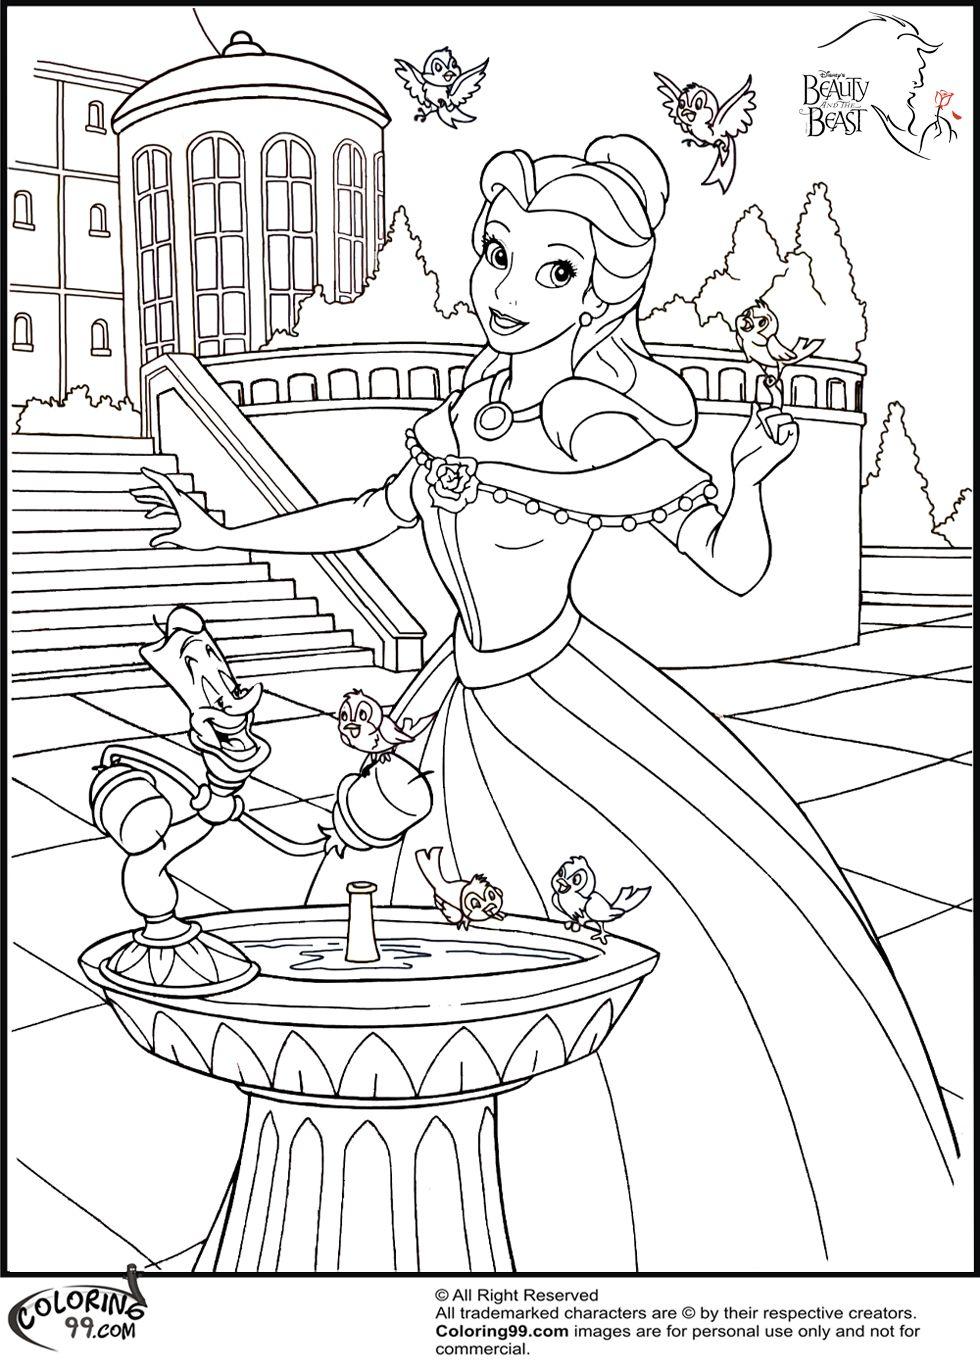 Disney Princess Belle Coloring Pages  Coloring26.com  Disney